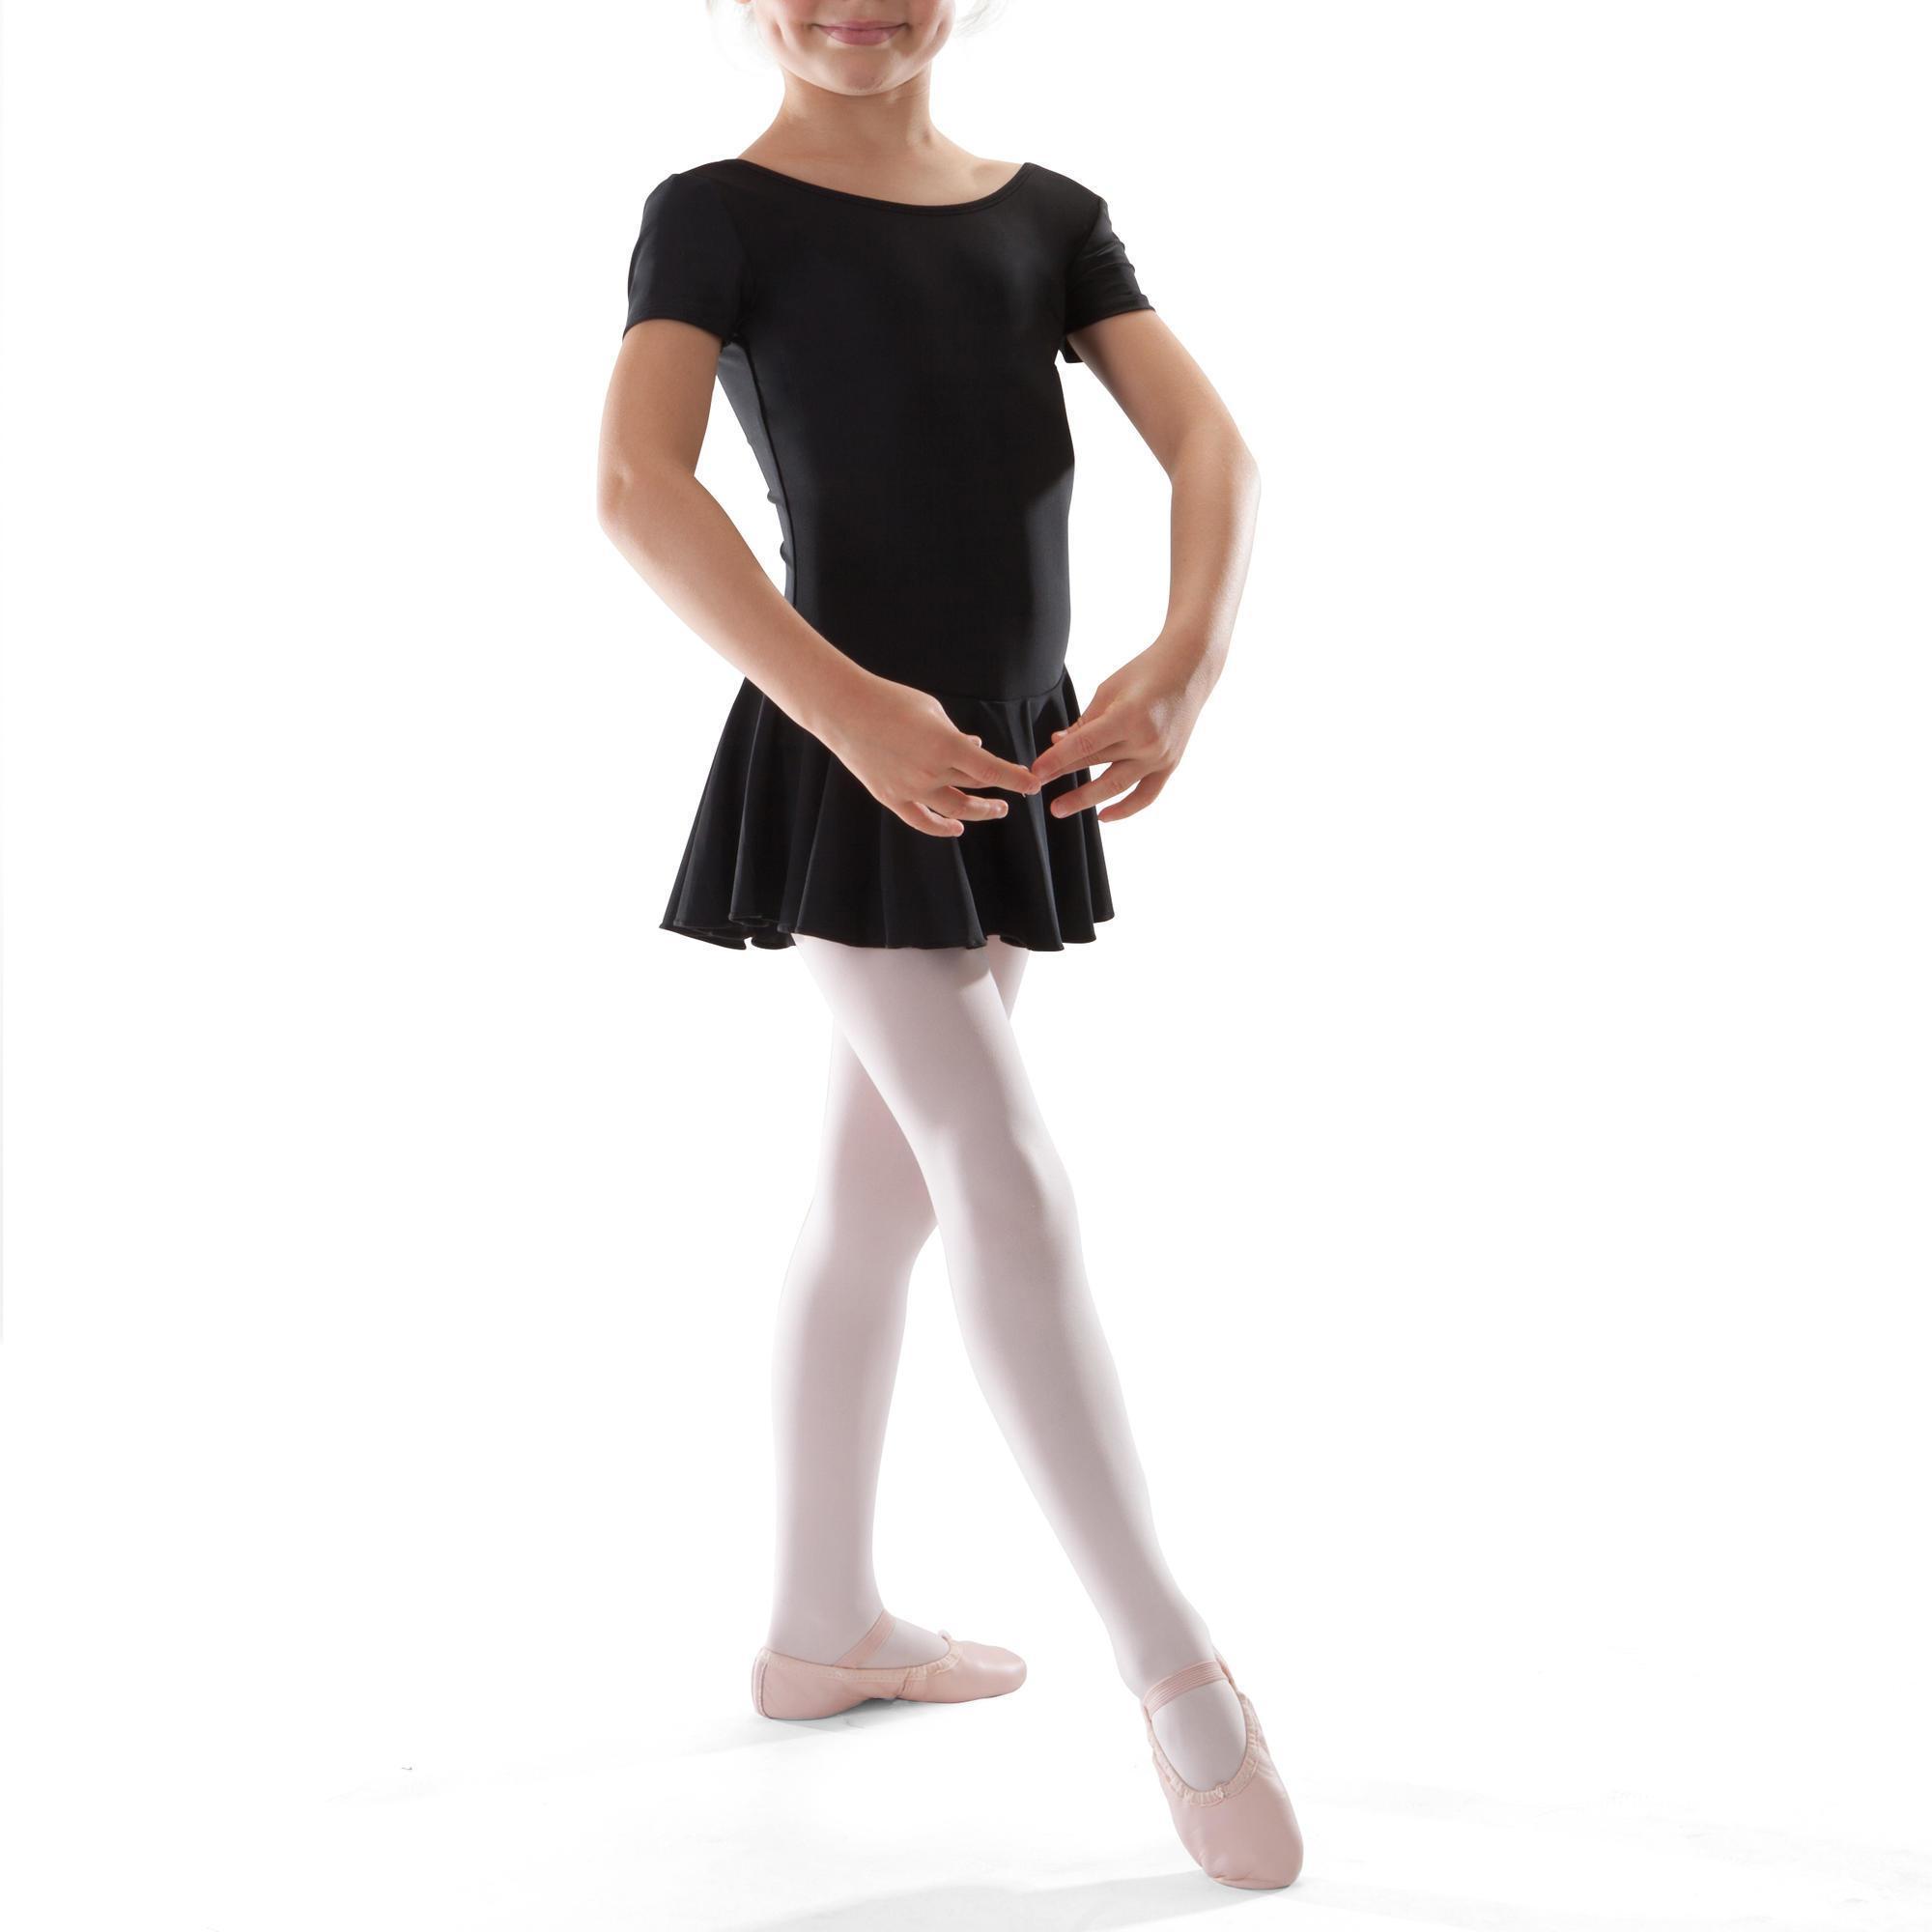 Mädchen,Kinder Tunika Ballett Mädchen schwarz | 03608419192698